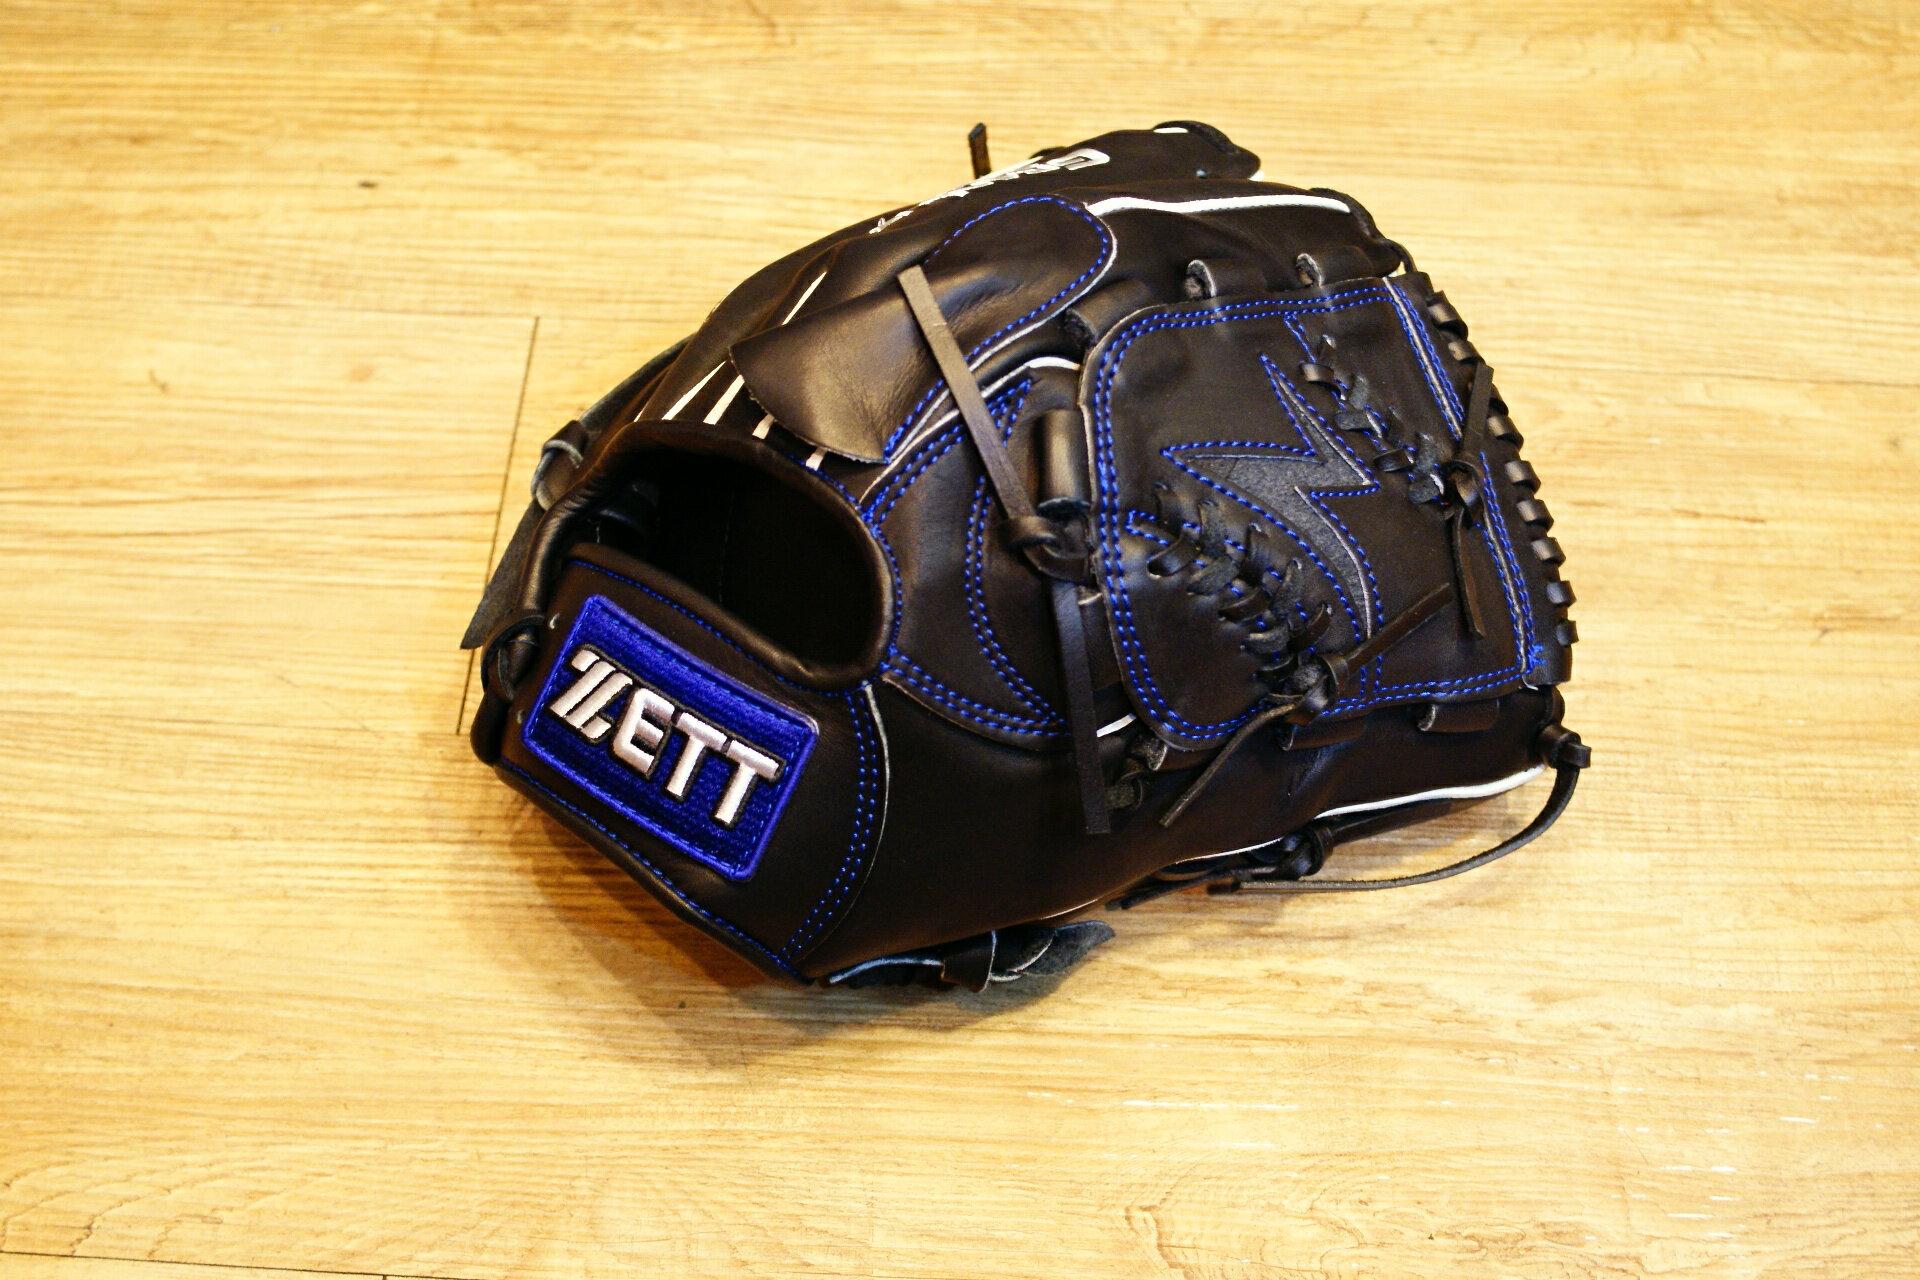 棒球世界全新店訂版ZETT全牛皮硬式手套 特價 投手黑色 限量